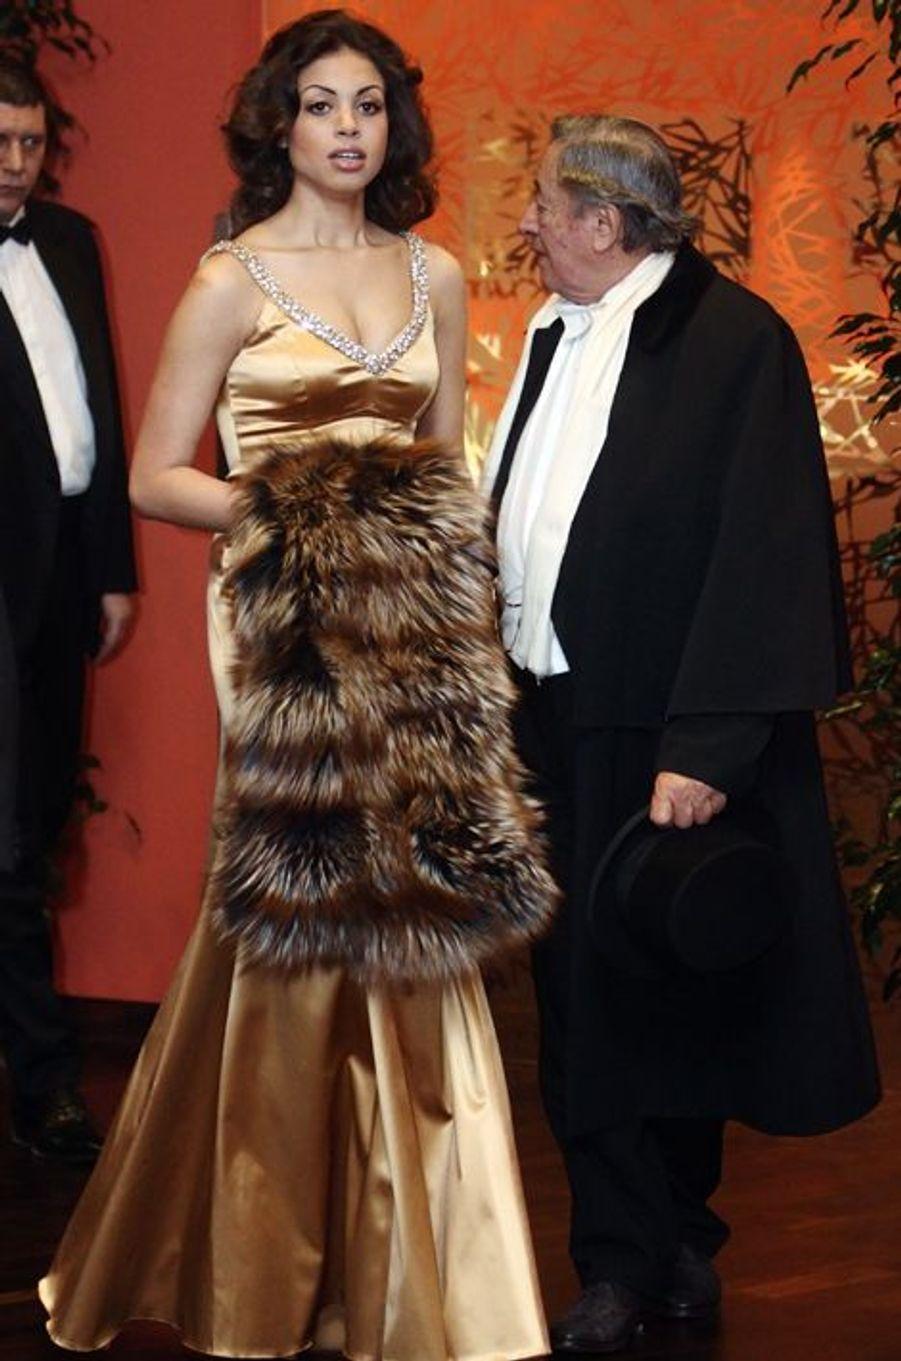 Richard Lugner et Karima el-Mahroug, en février 2011